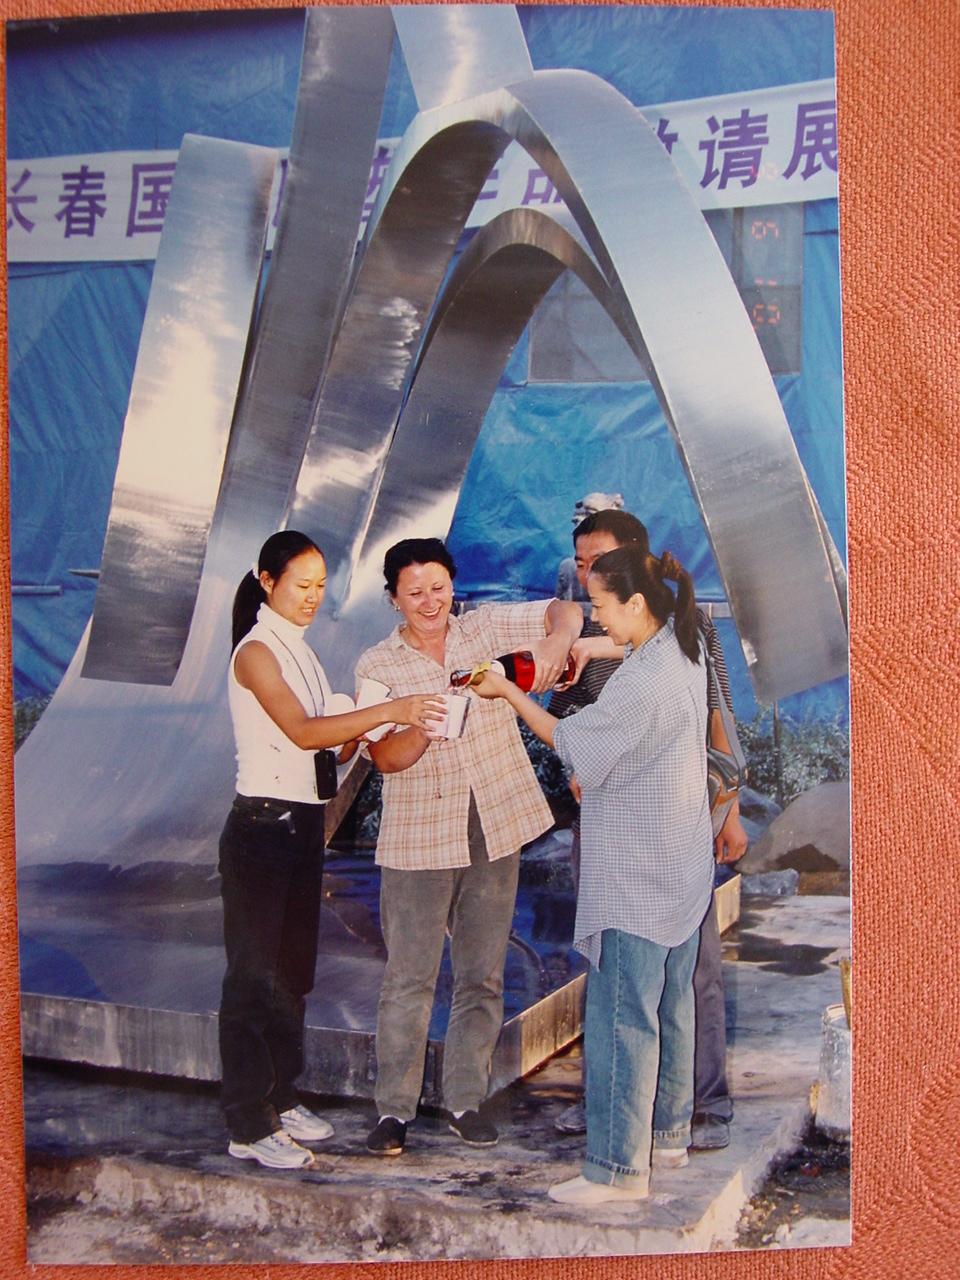 vjetar u vel. 4,4m u Kini (1)